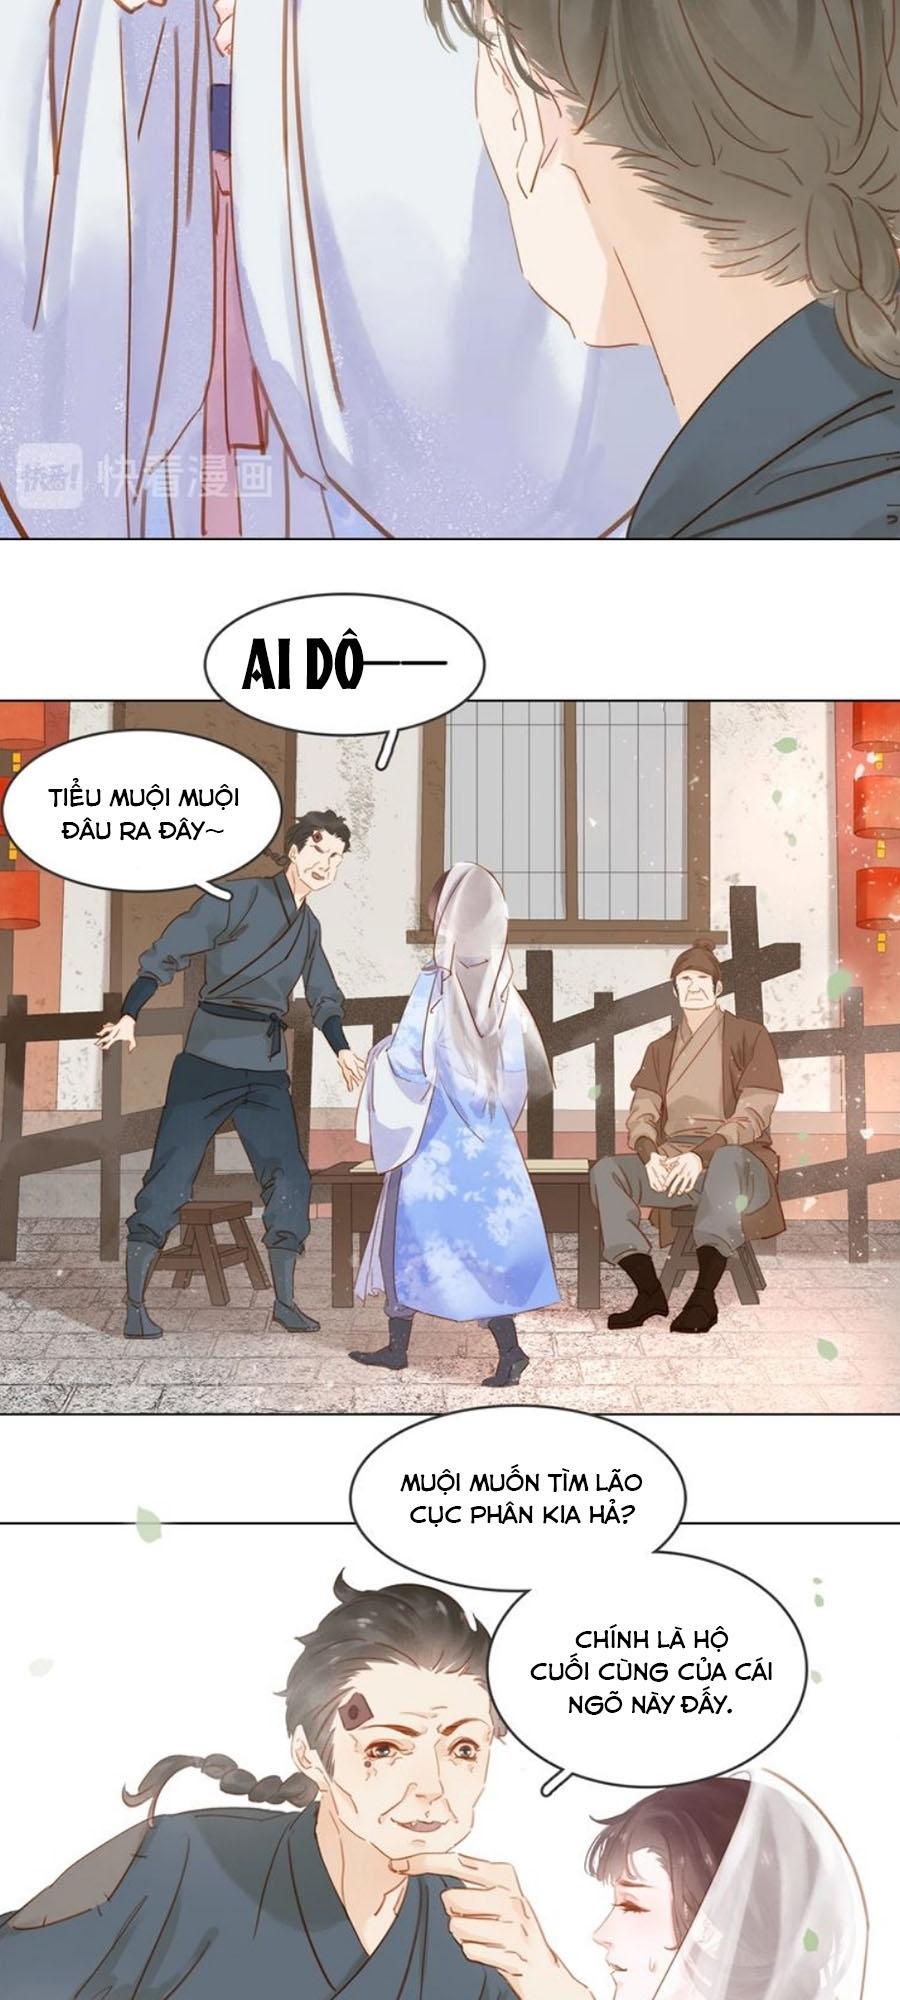 Tiểu sư phụ, tóc giả của ngài rơi rồi! chap 11 - Trang 24